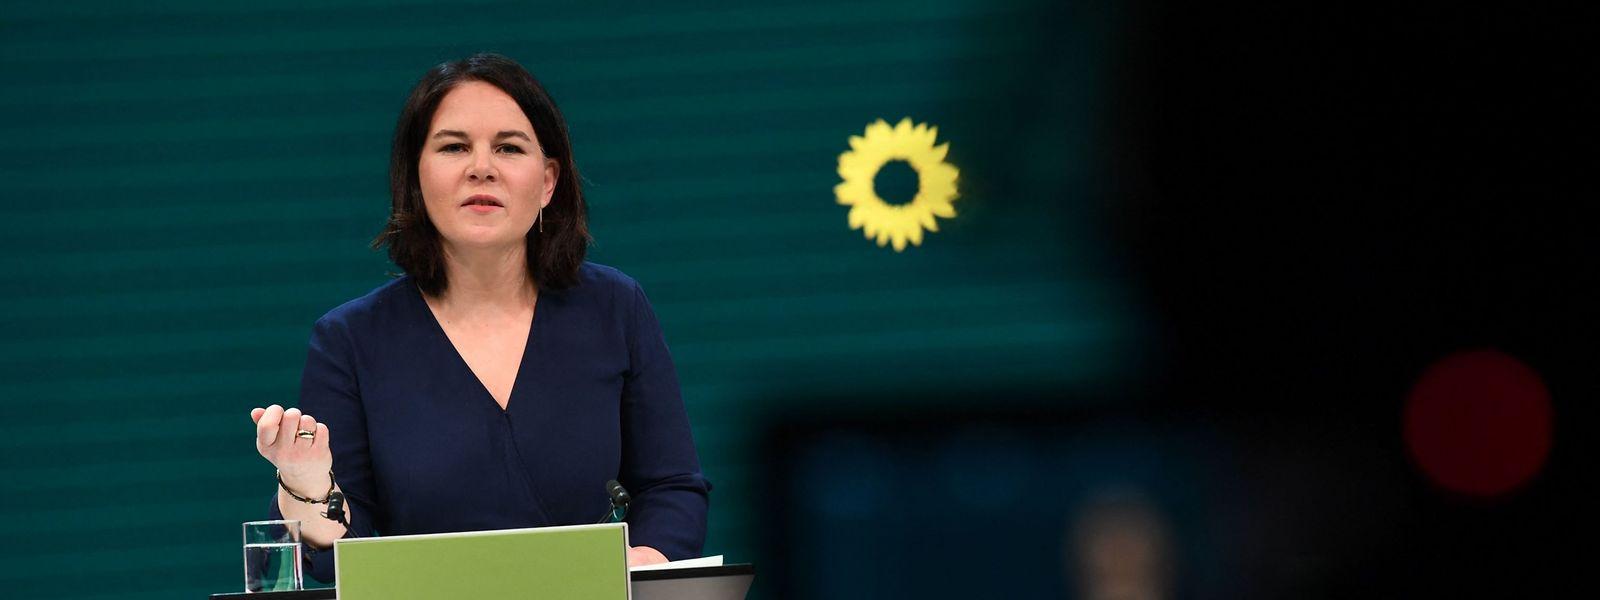 Die grüne Co-Vorsitzende Annalena Baerbock wird die Partei als erste Spitzenkandidatin in den Bundestagswahlkampf führen.